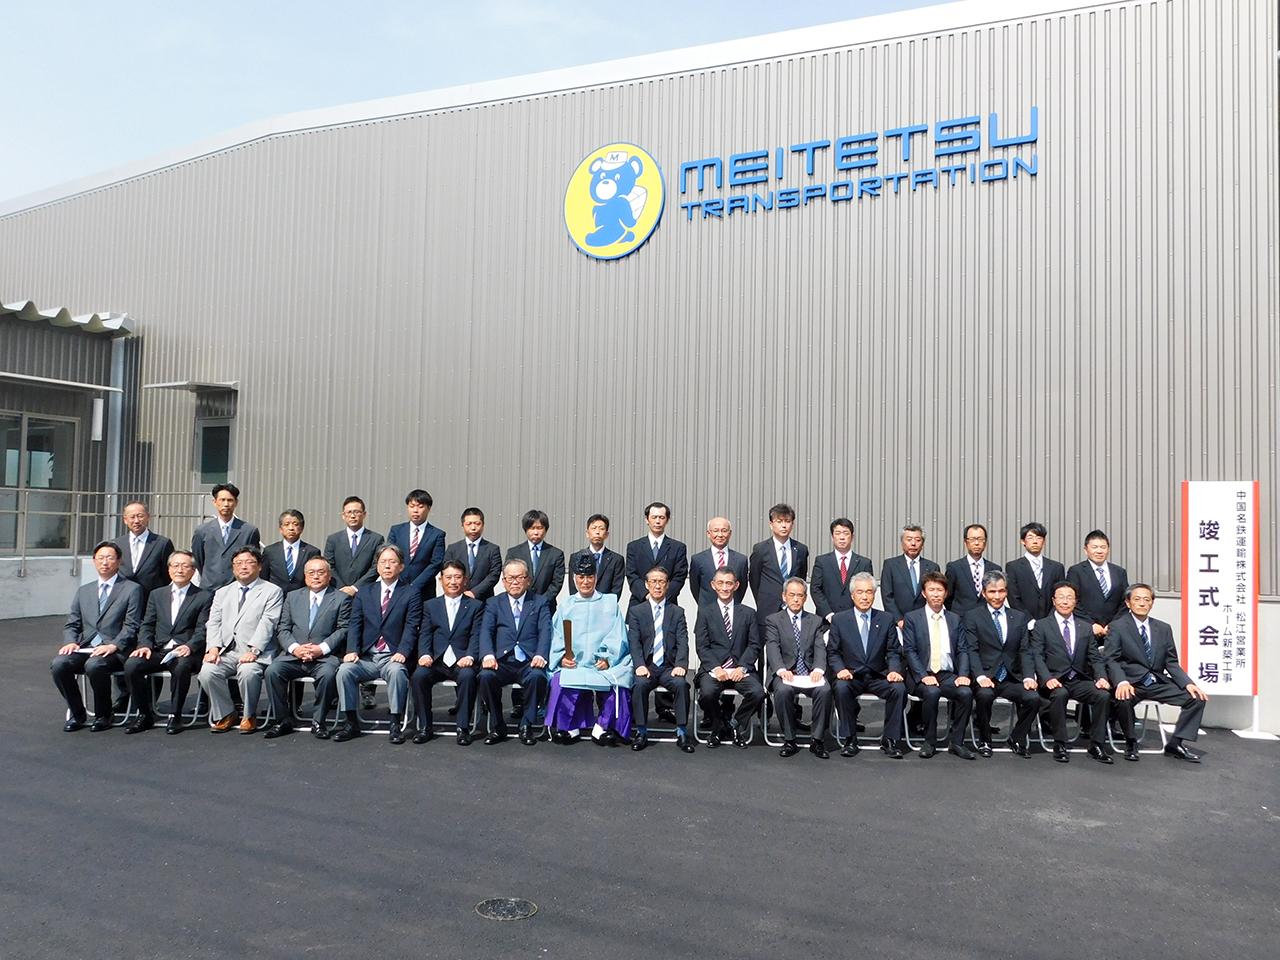 中国名鉄運輸株式会社様から感謝状をいただきました。